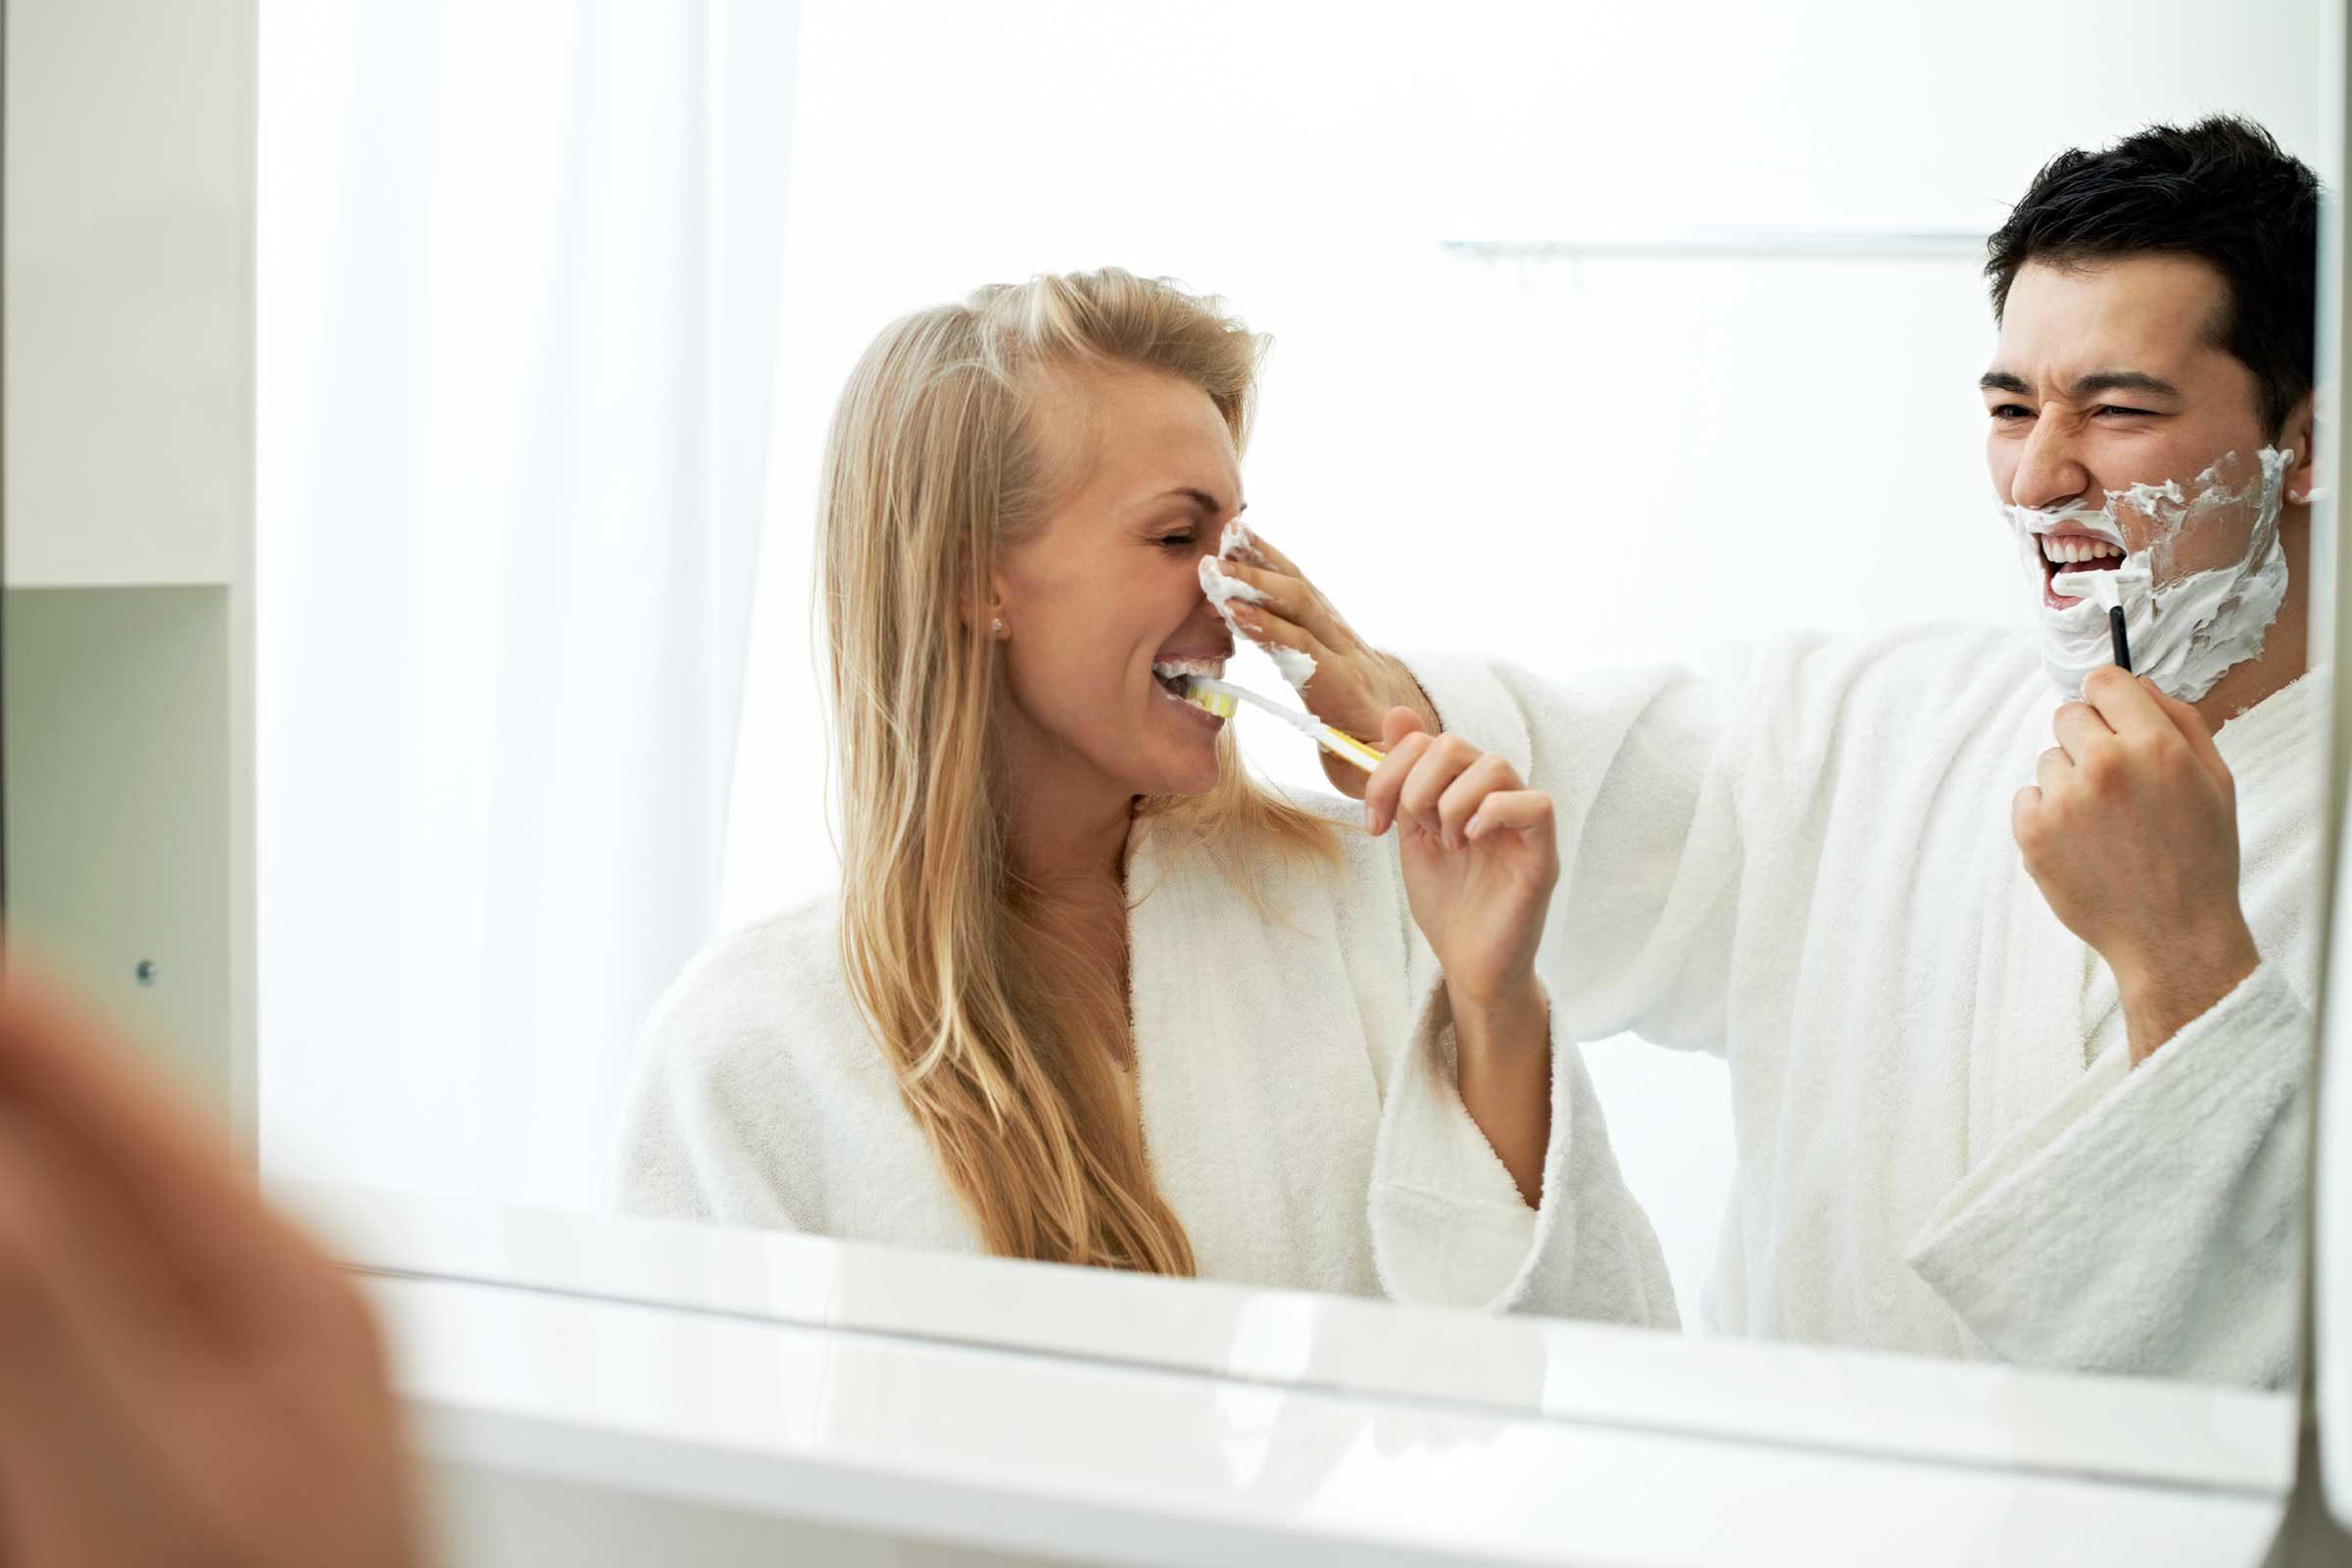 Les disputes à propos de la salle de bain sont normales dans un couple.